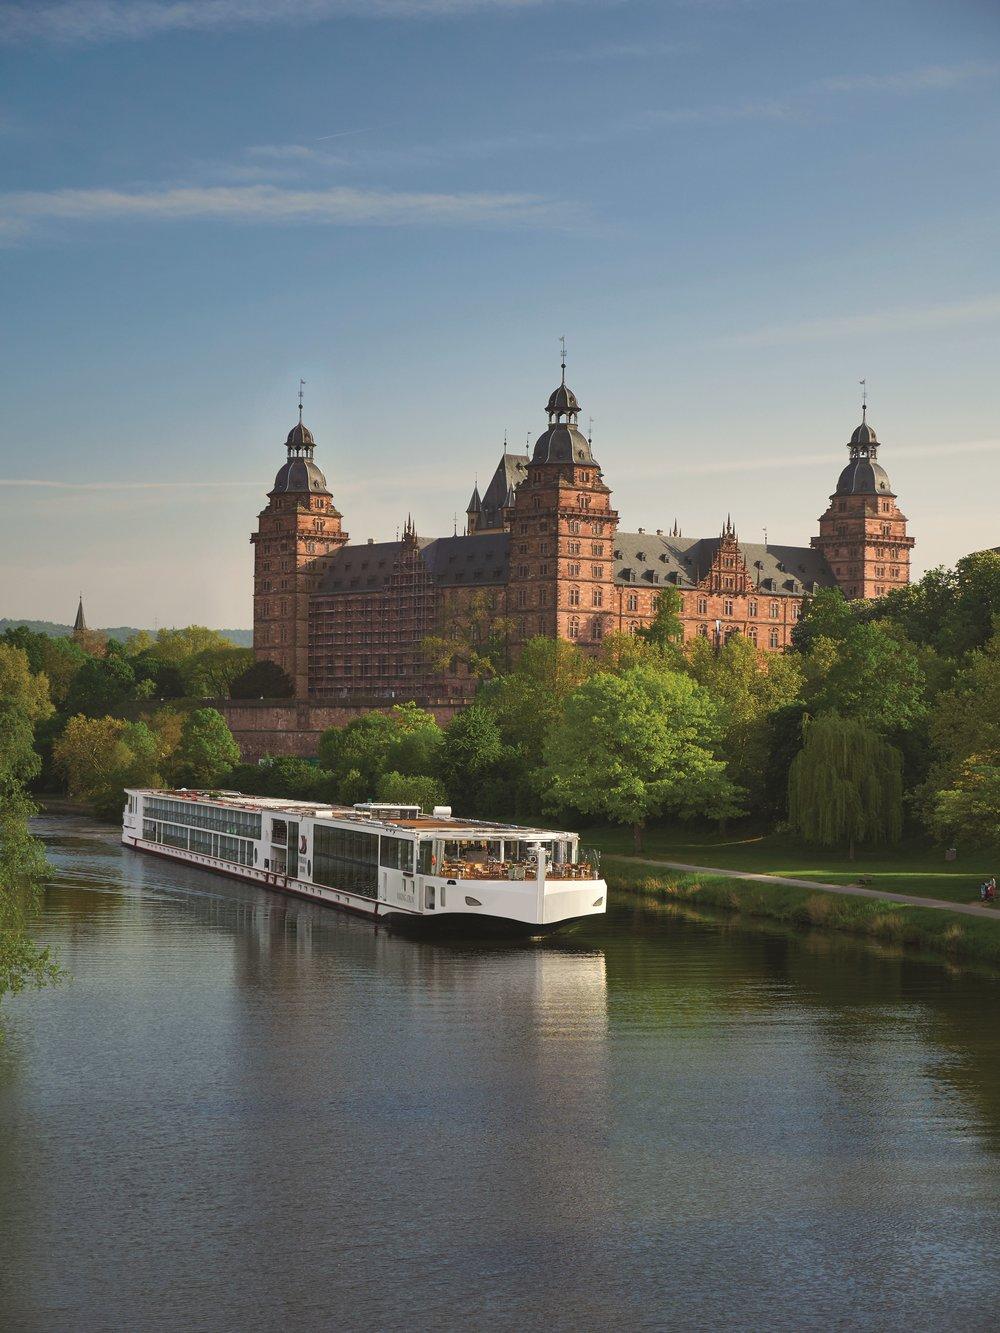 Longships_Idun_Schloss_Johannisburg_Aschaffenburg_Vert_P1090845.jpg